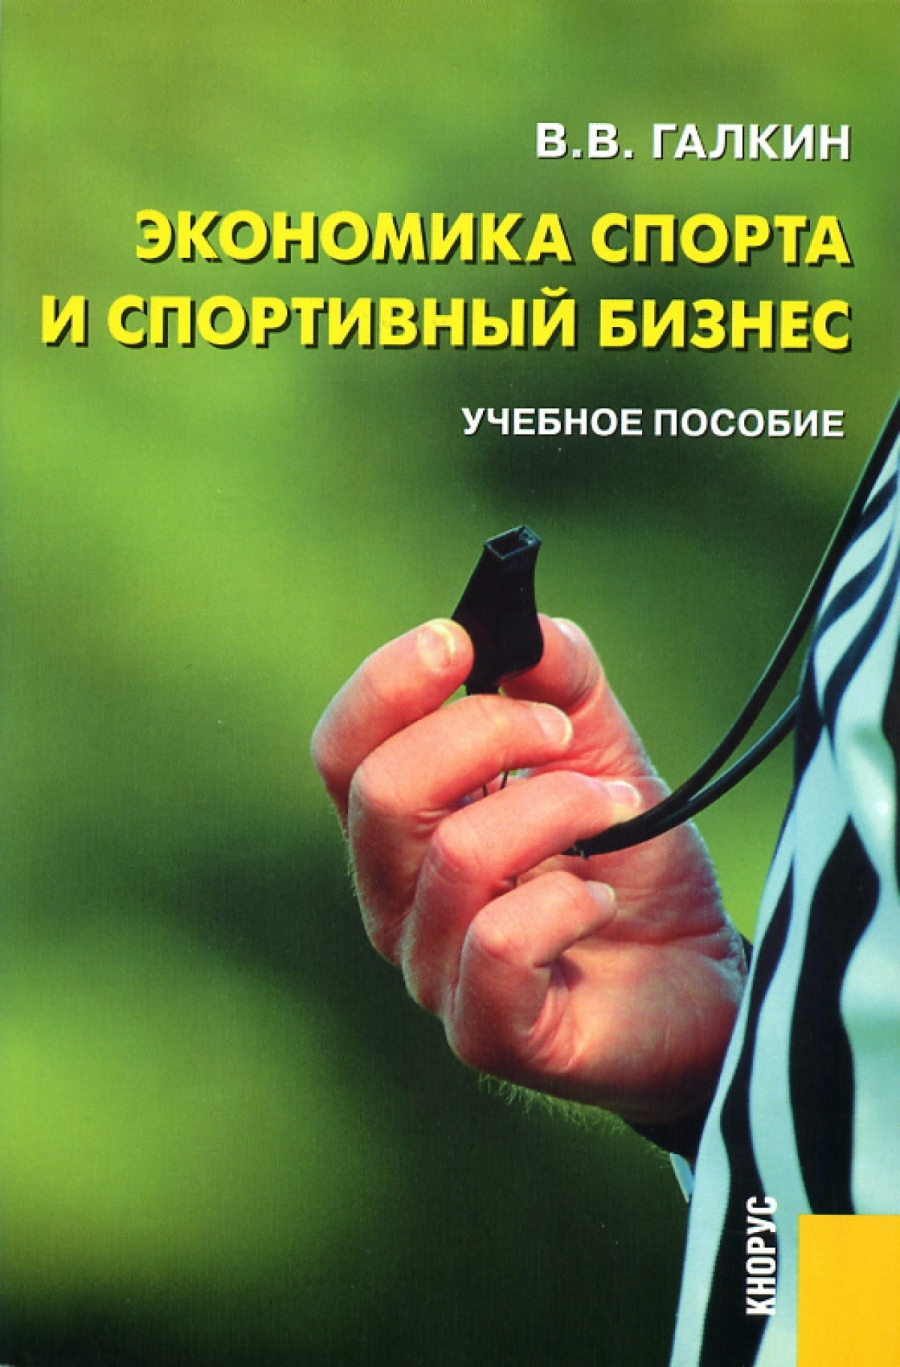 Обложка книги:  галкин в.в. - экономика спорта и спортивный бизнес